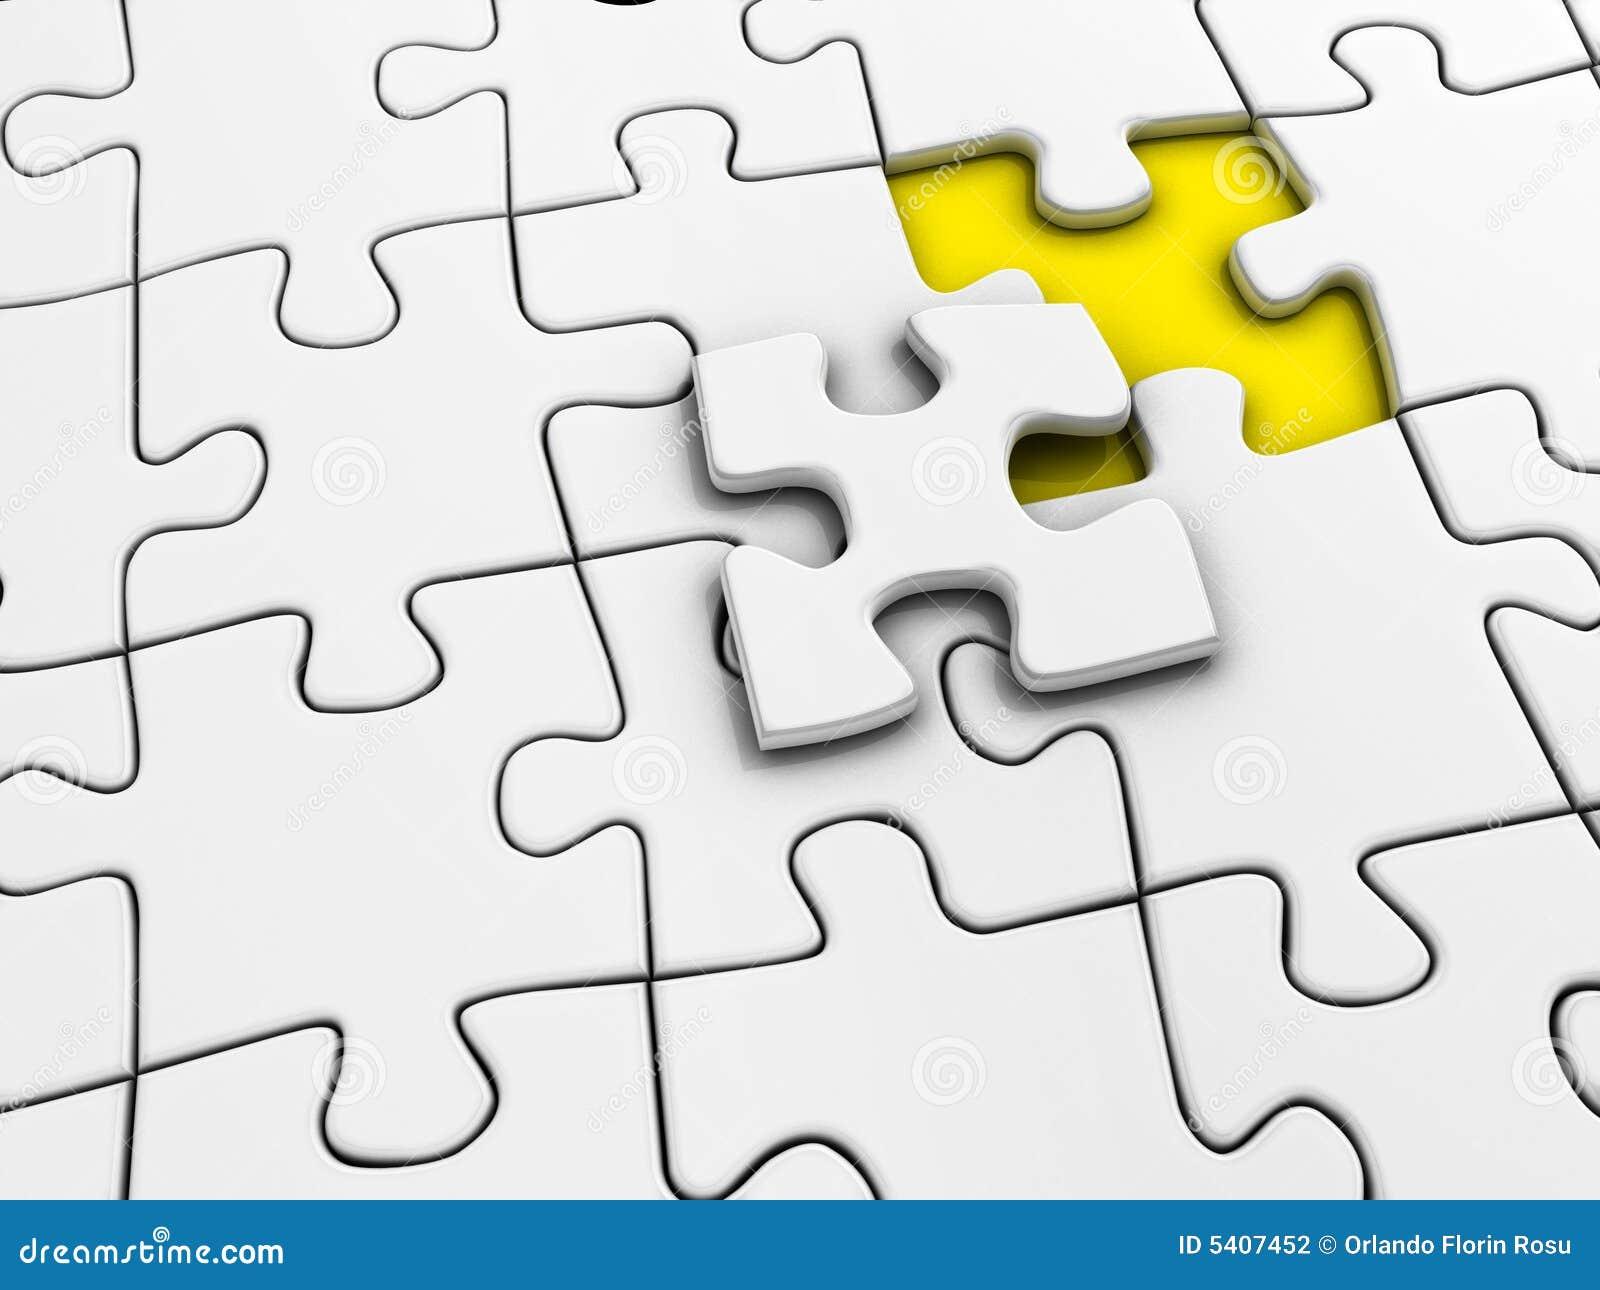 Unfinished Puzzle Stock Photography - Image: 5407452